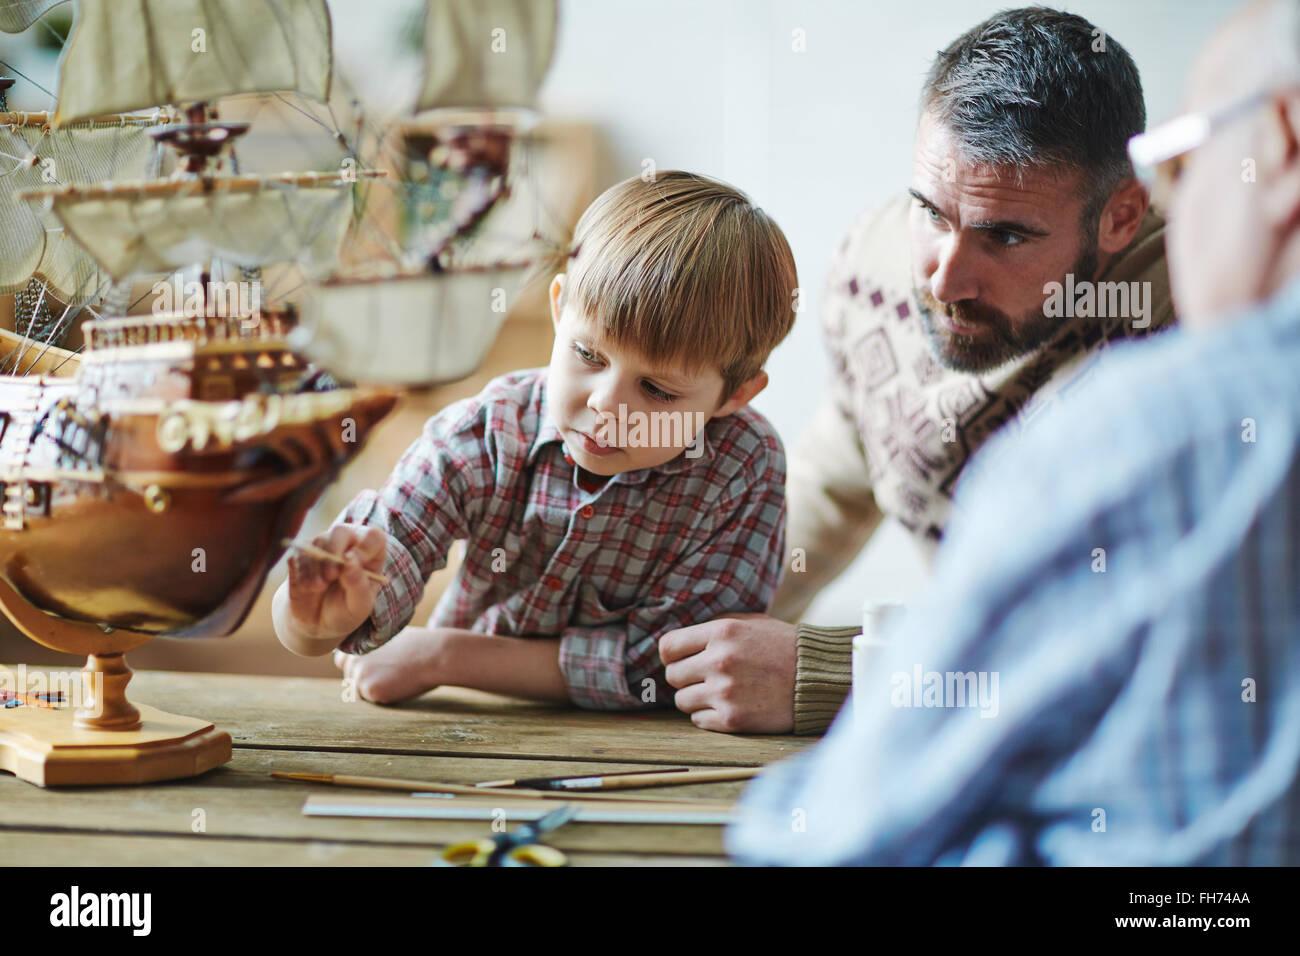 Adorabili giovane pittura nave giocattolo con suo padre e suo nonno nelle vicinanze Immagini Stock